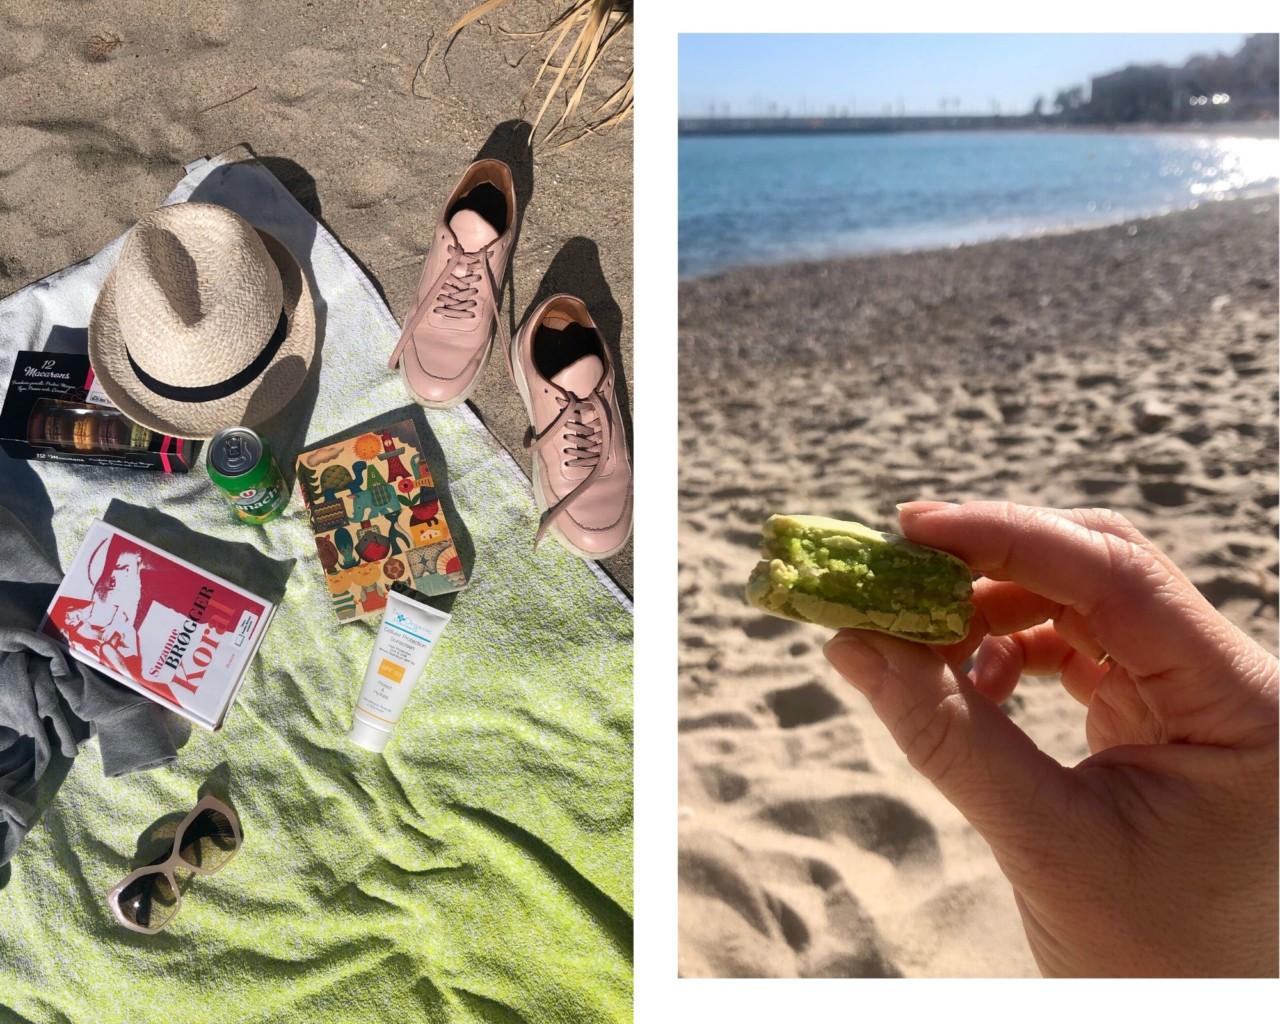 strand-badehandkle-makroner-suzanne-brogger-solhatt-menton-middelhavet